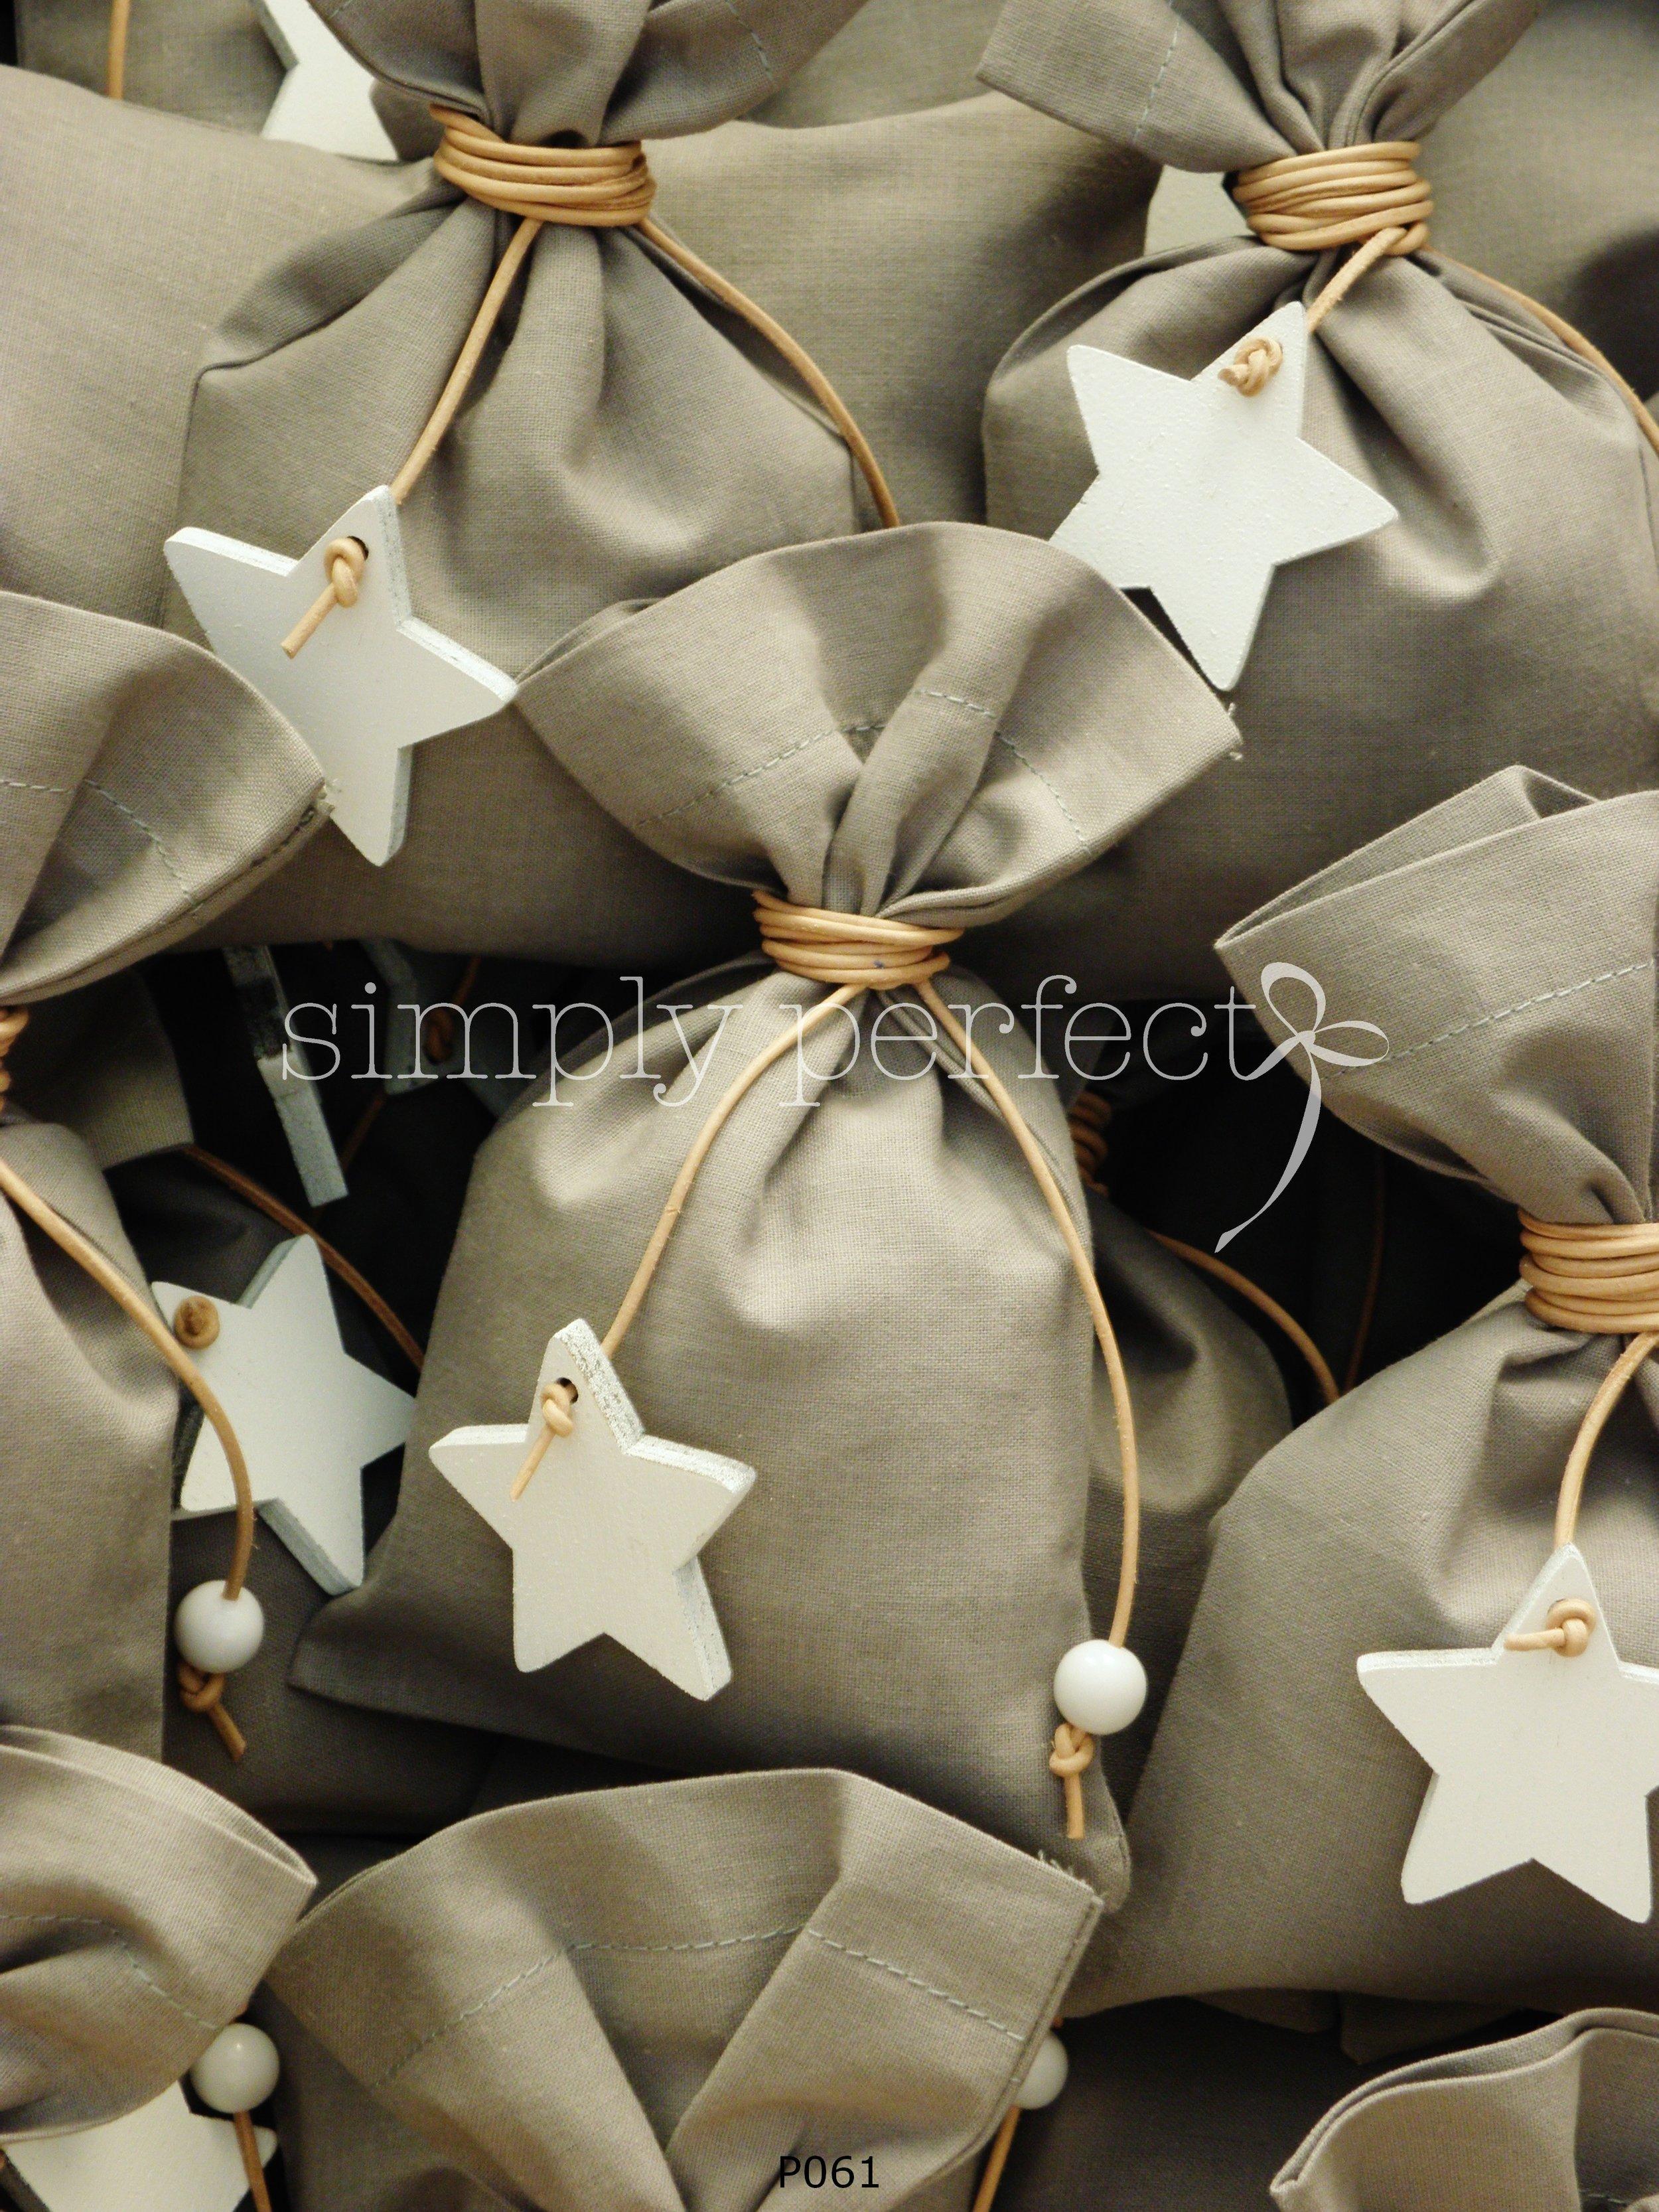 Μπομπονιέρα με θέμα το αστέρι: ΚΩΔ Ρ061